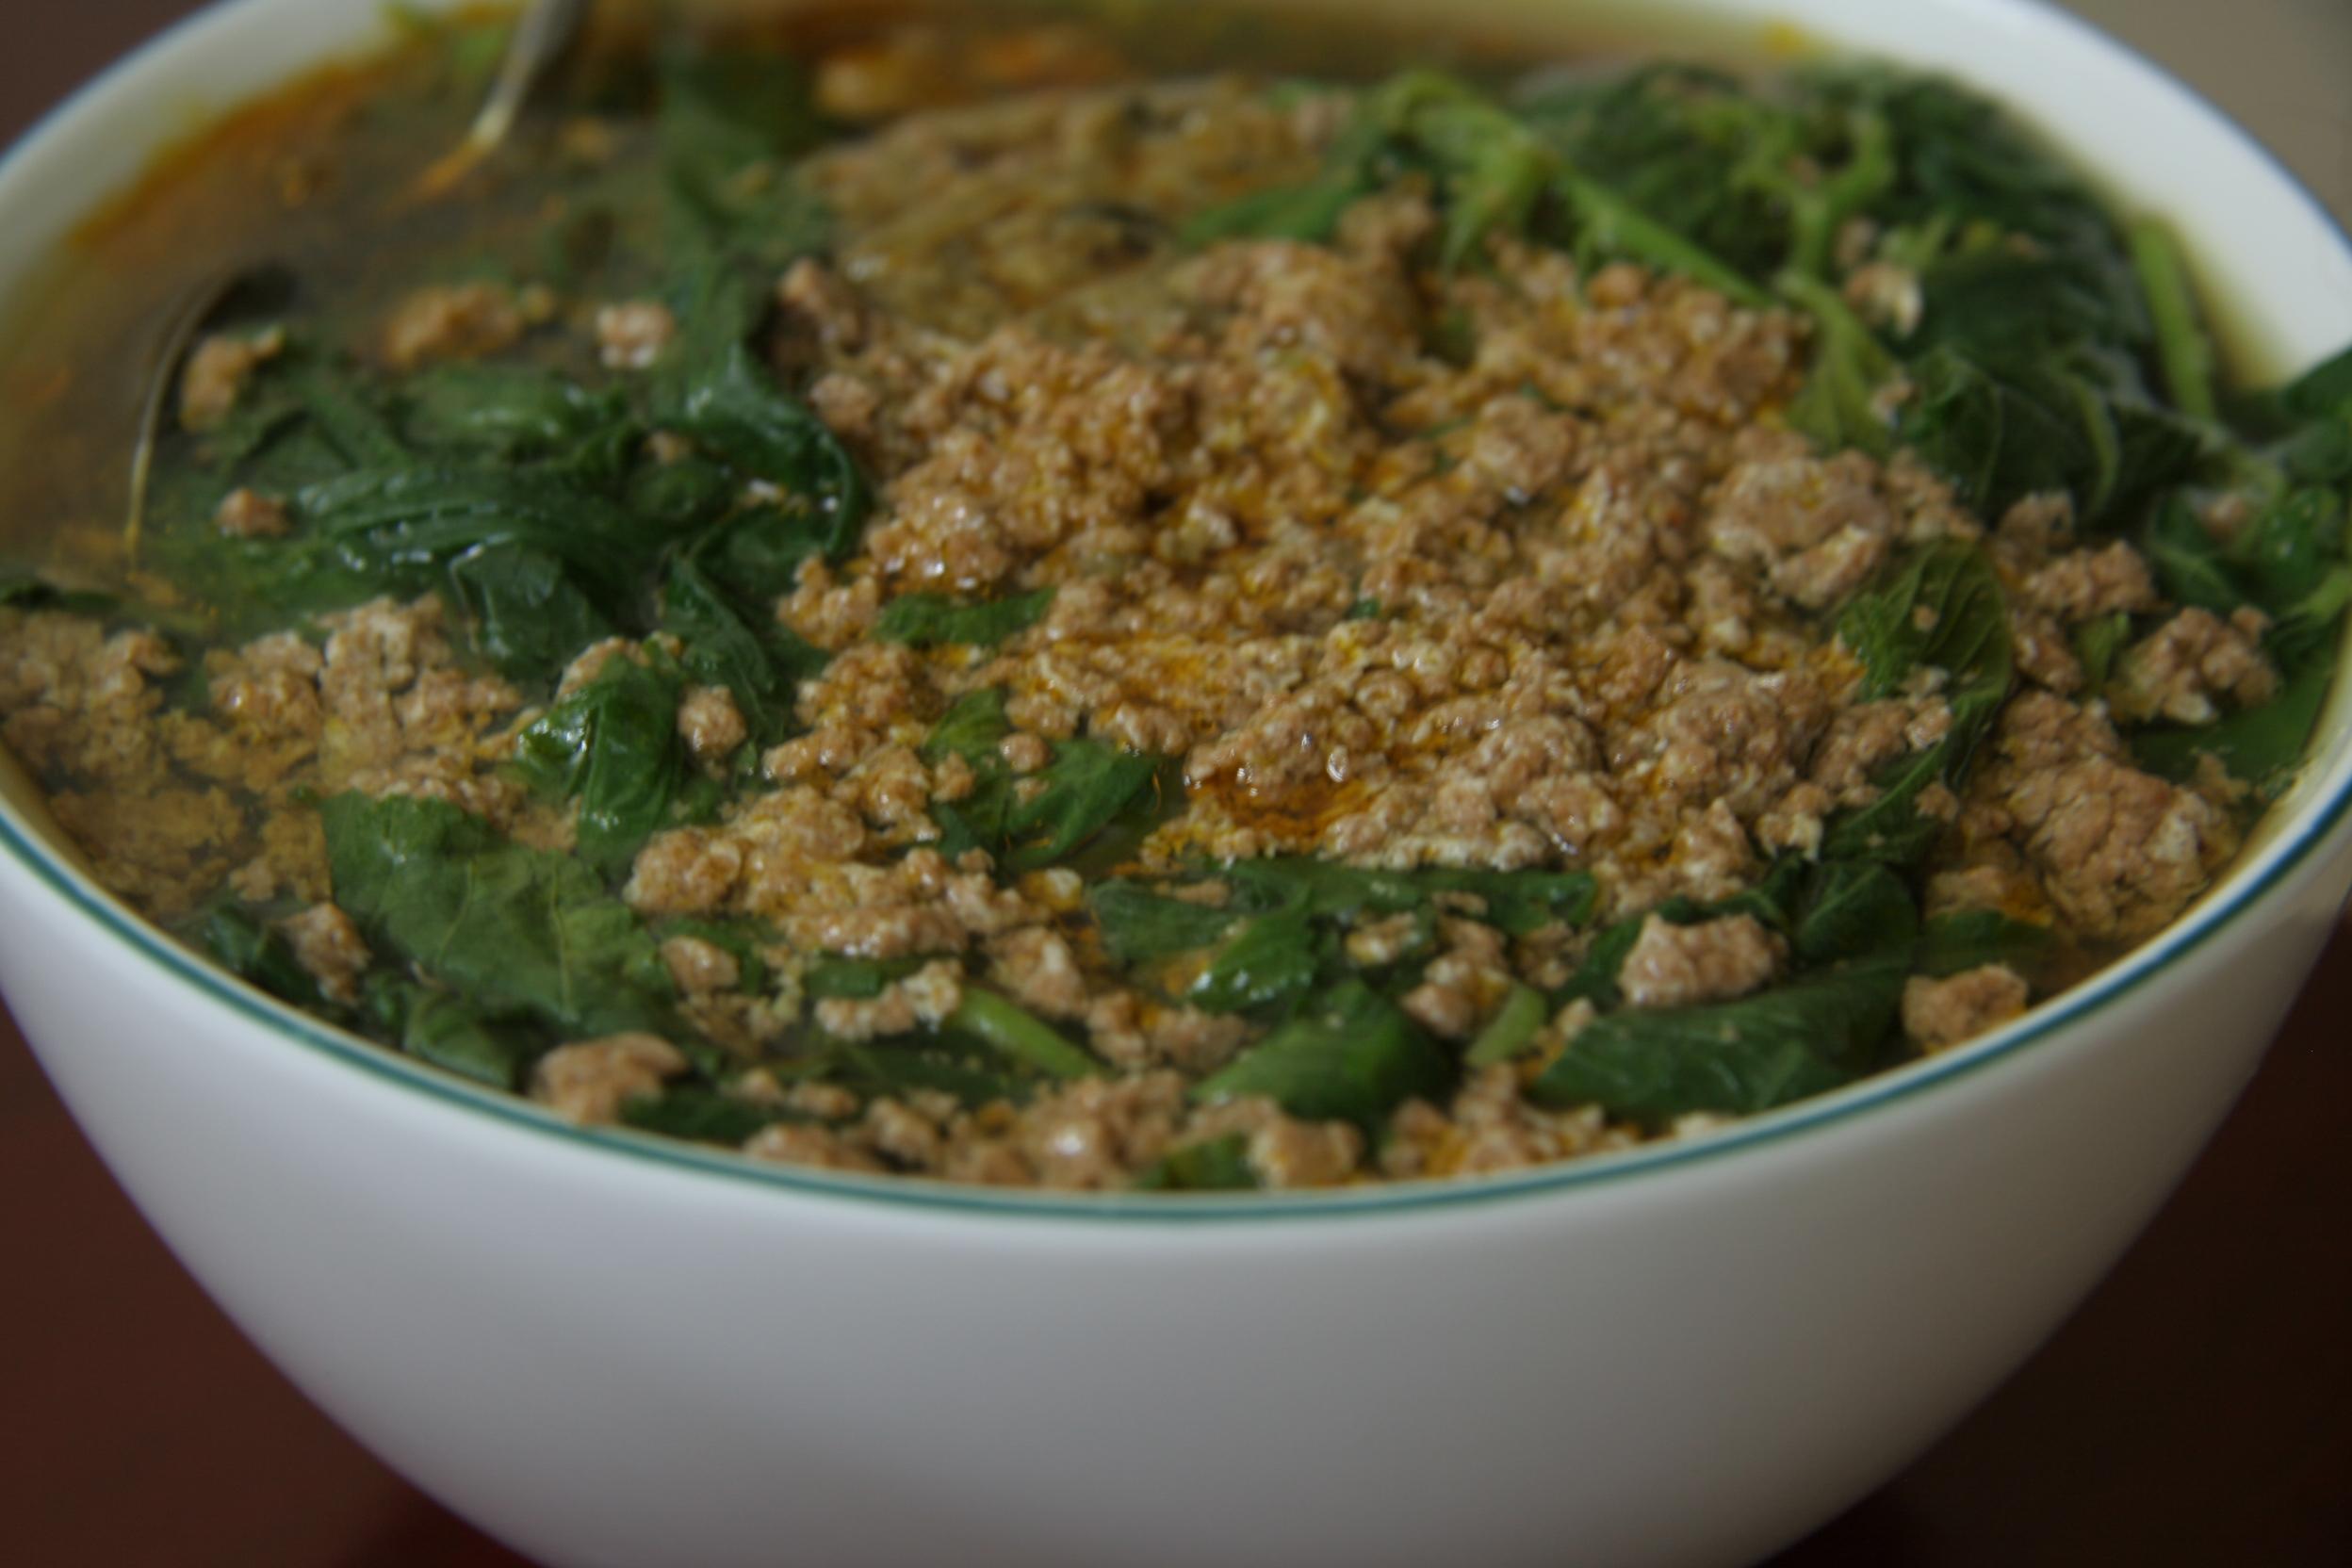 Canh rau đay là một trong các món ăn ngon mùa hè thanh nhiệt giải đôc